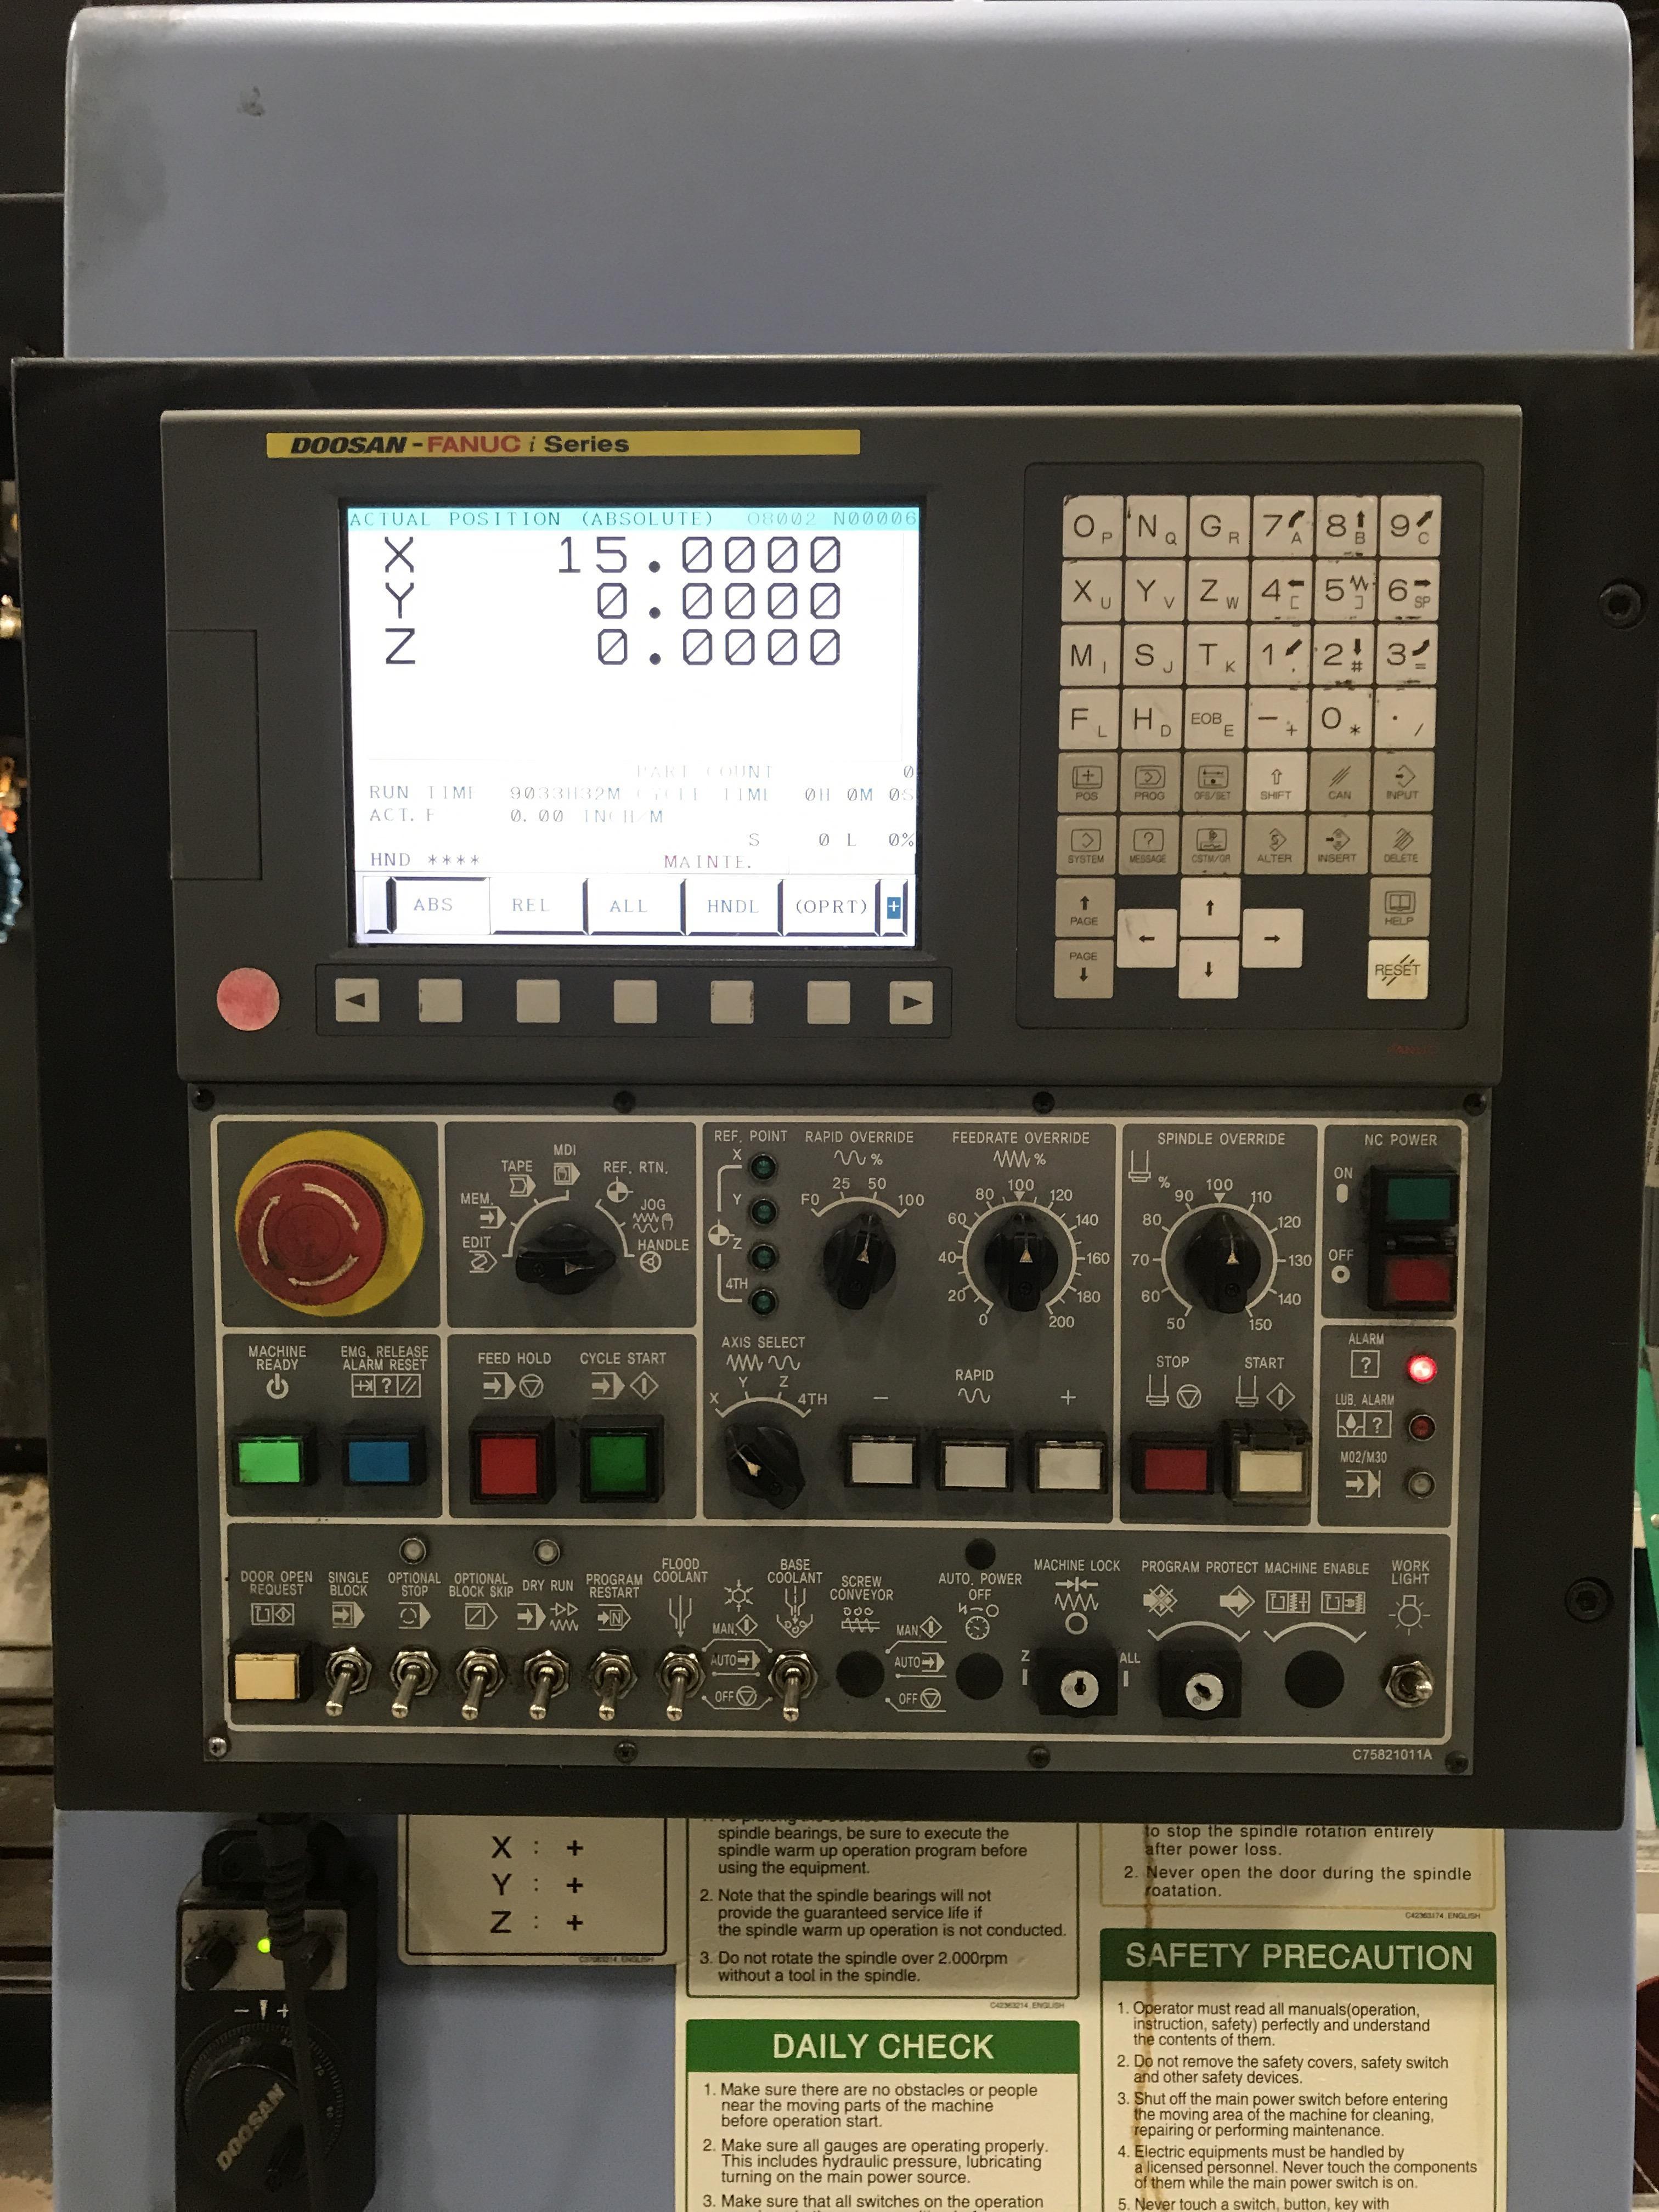 DOOSAN MV3016L Vertical Machining Center